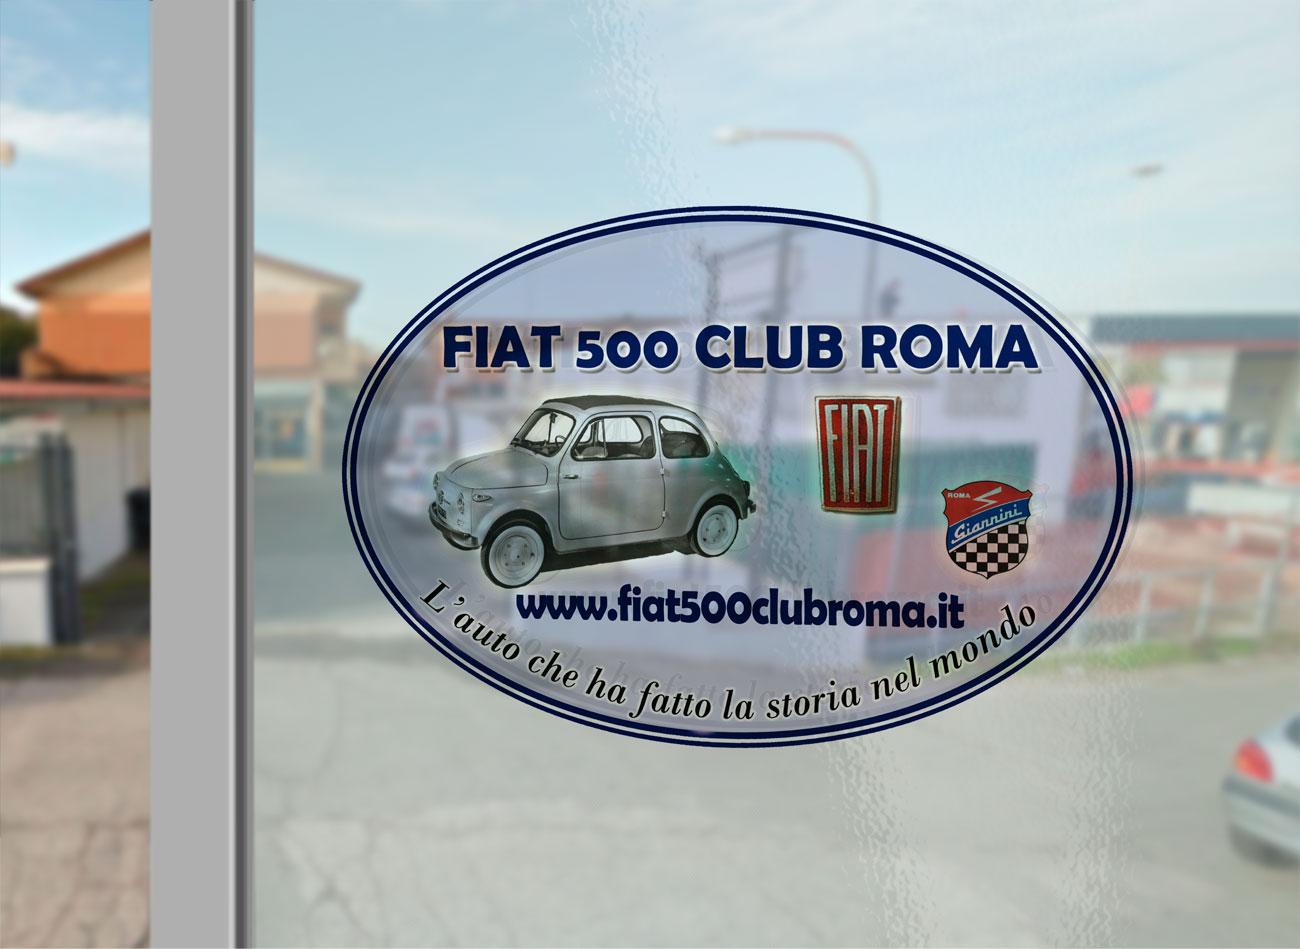 fiat 500 club roma l 39 auto che ha fatto la storia del mondo. Black Bedroom Furniture Sets. Home Design Ideas